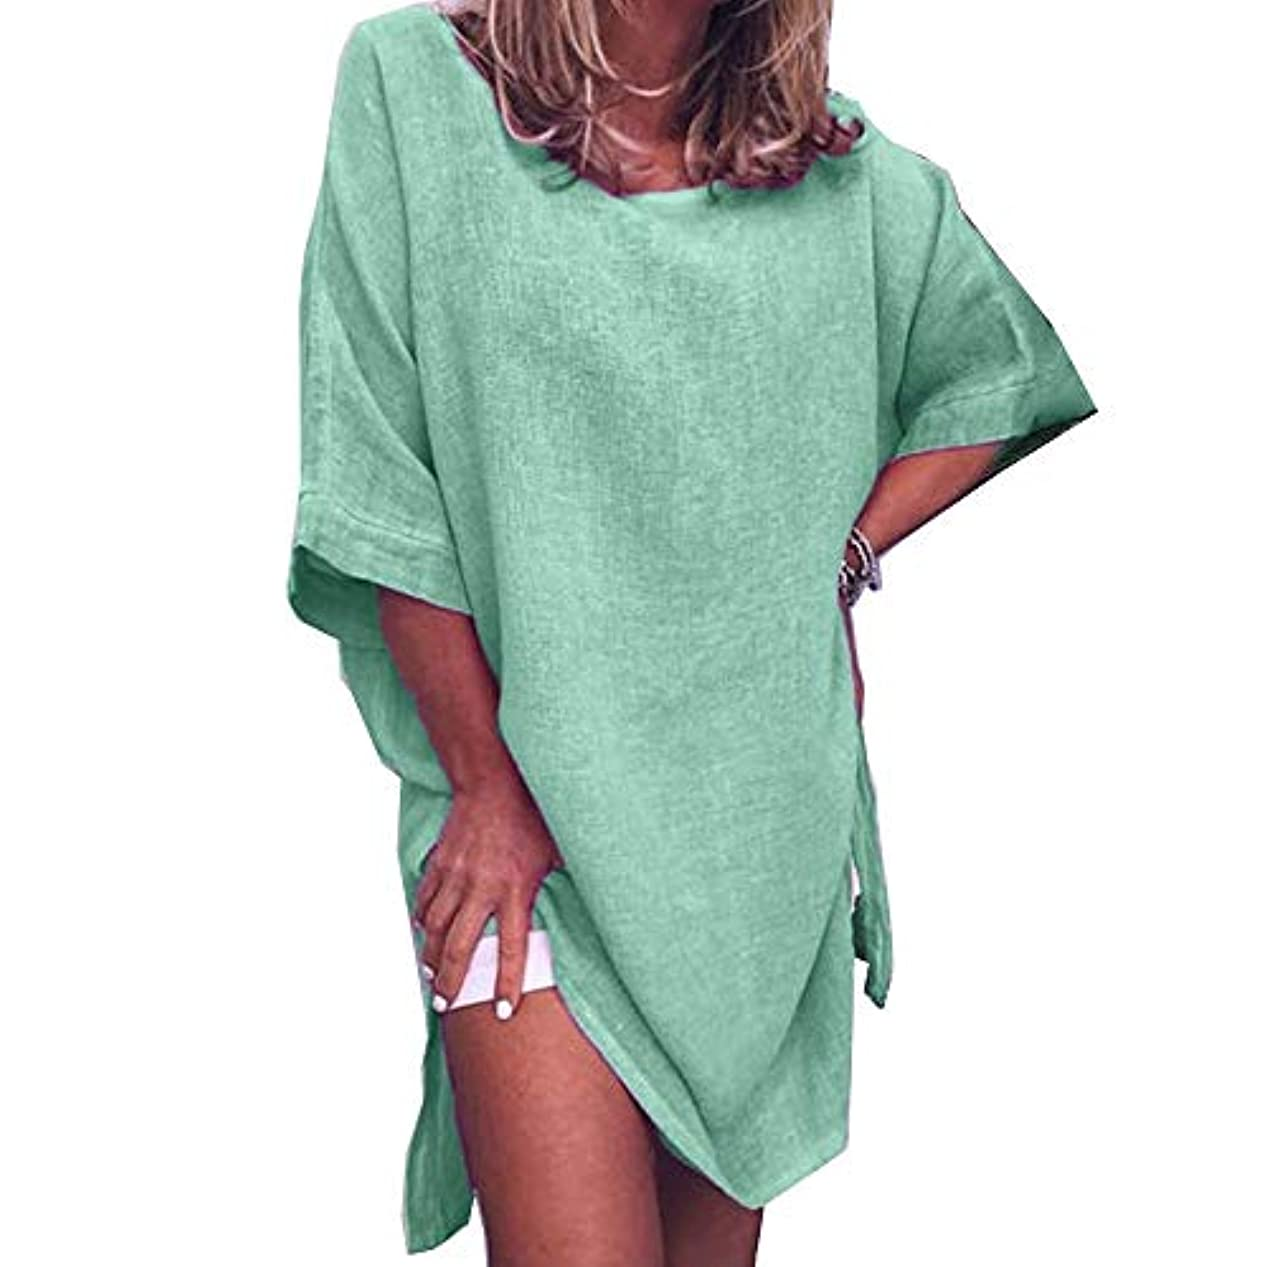 追放する次延ばすMIFAN サマードレス、ビーチドレス、ルーズドレス、プラスサイズ、リネンドレス、トップス&ブラウス、女性ドレス、カジュアルドレス